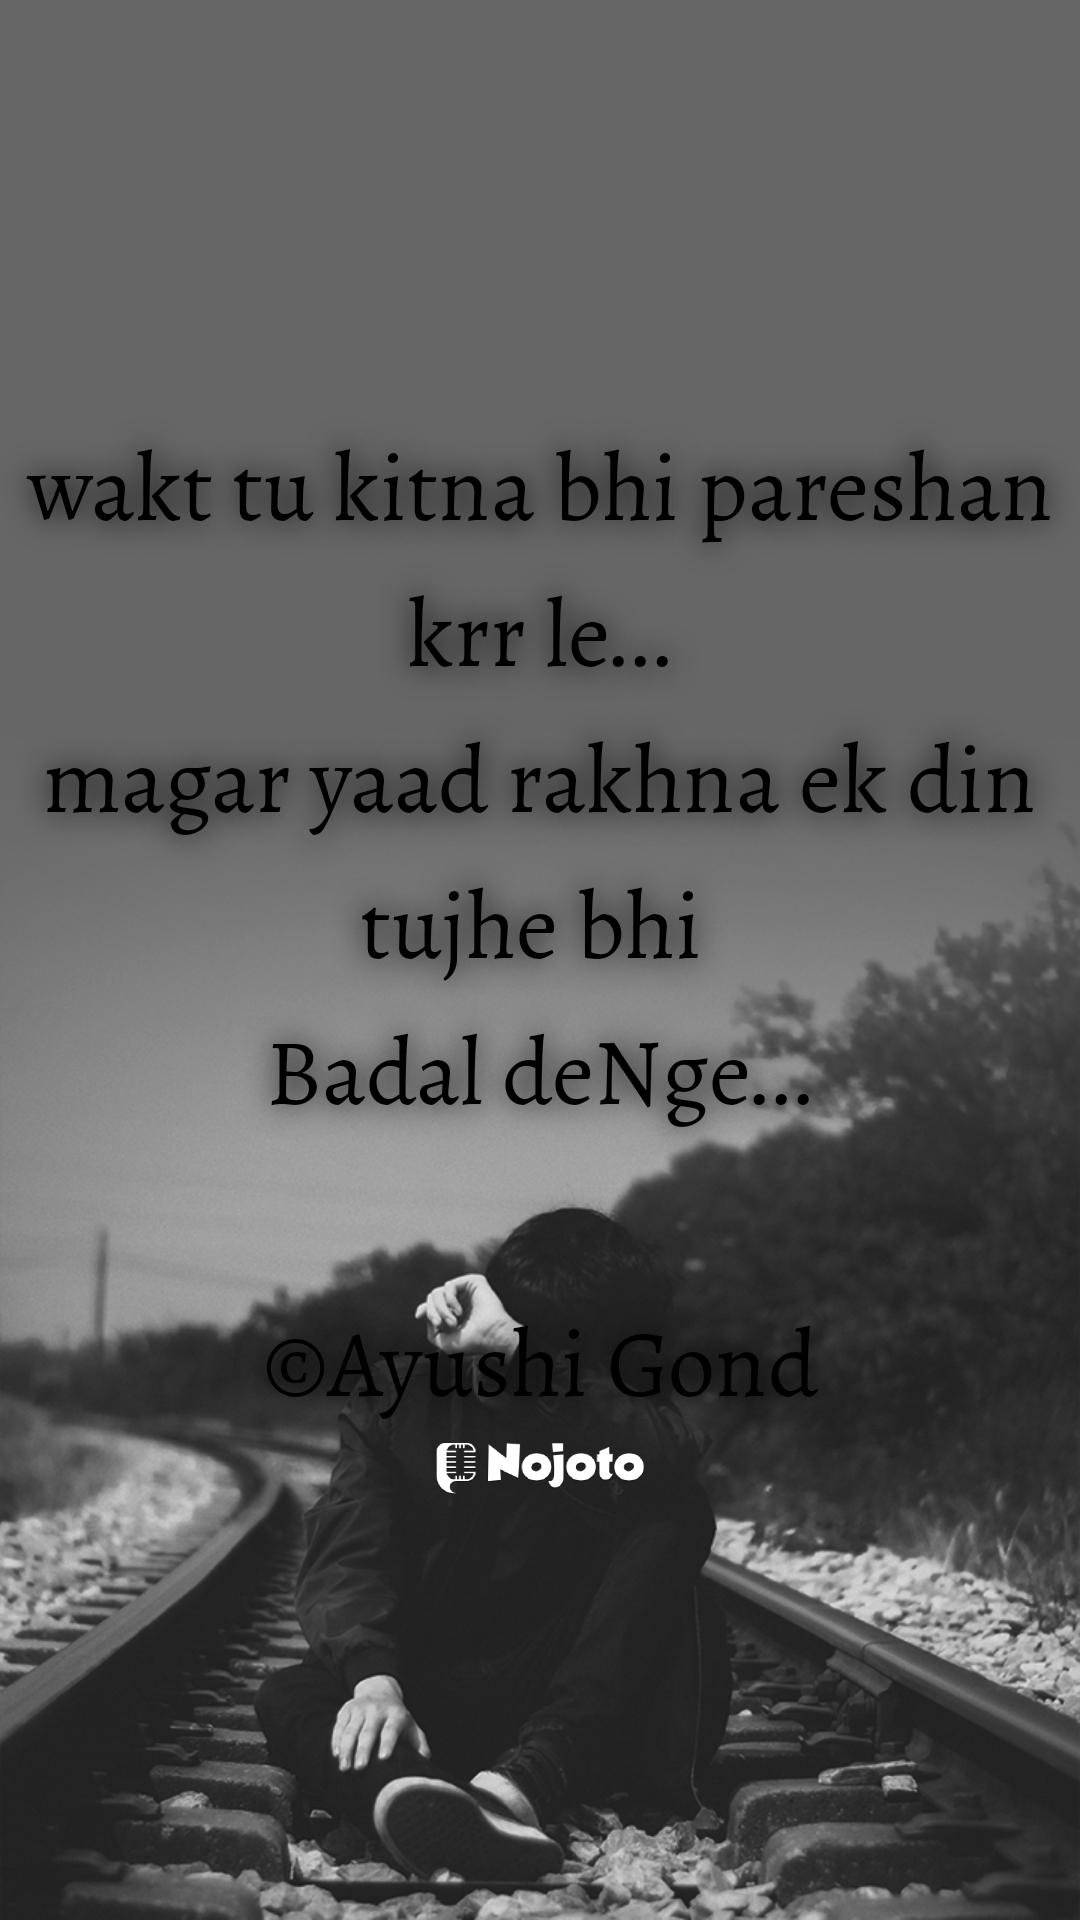 wakt tu kitna bhi pareshan krr le... magar yaad rakhna ek din tujhe bhi  Badal deNge...  ©Ayushi Gond